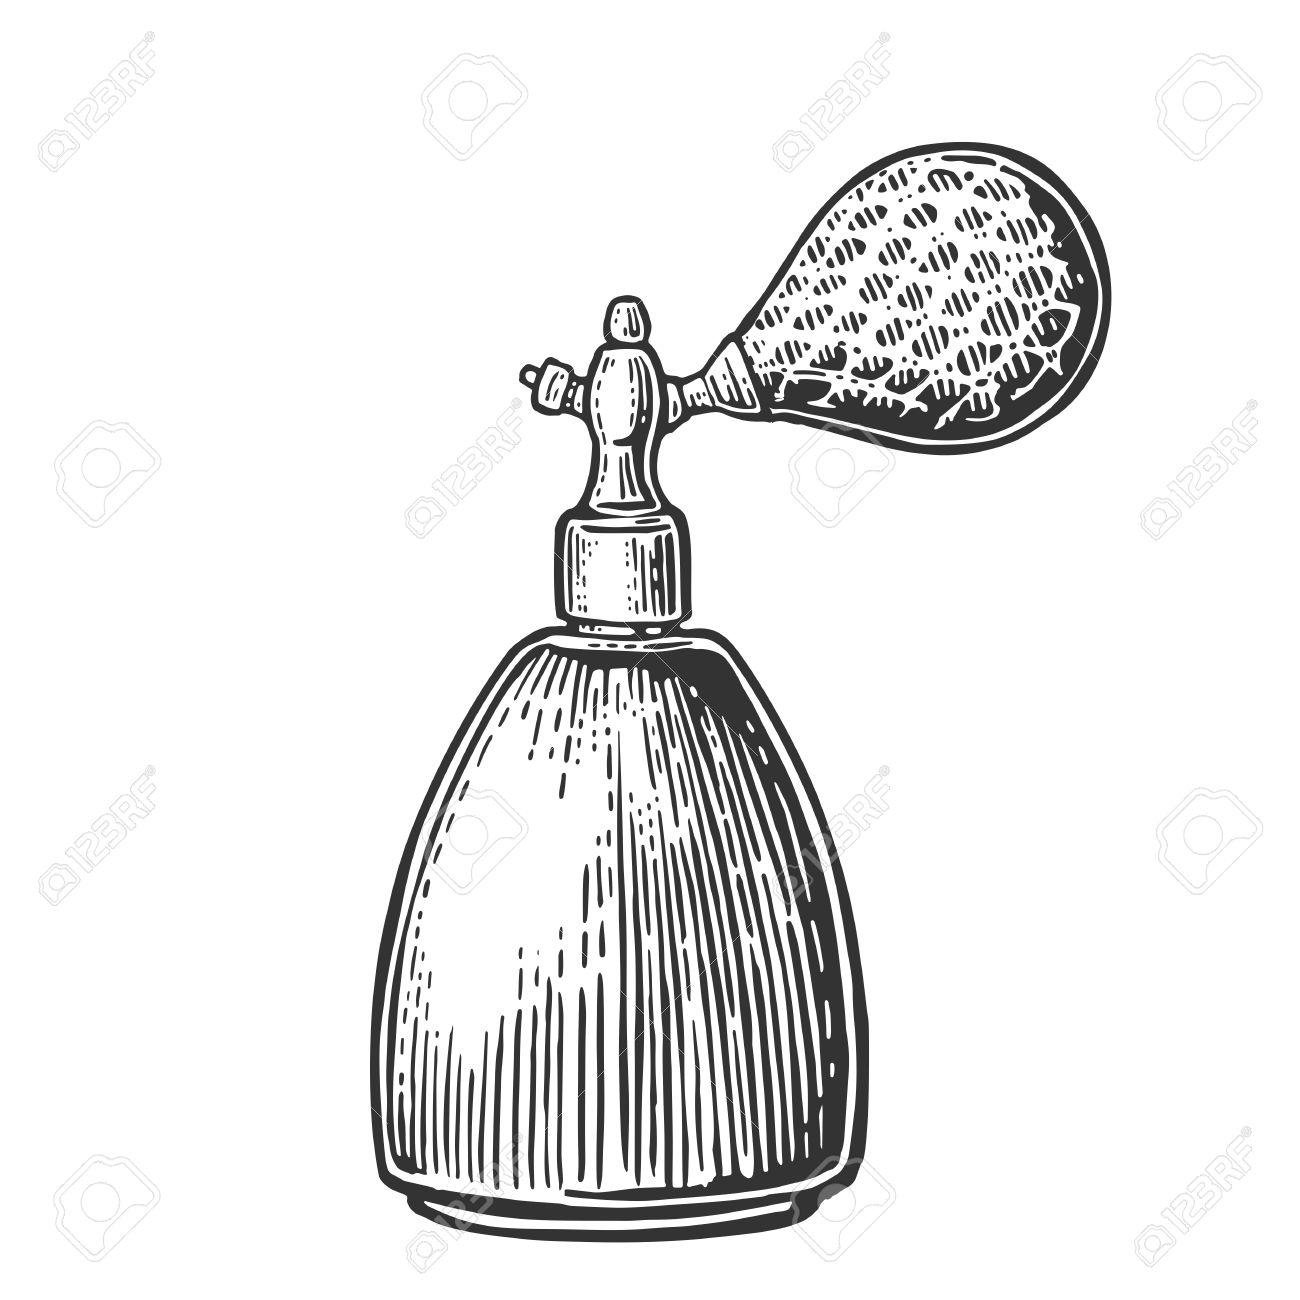 perfume bottle spray vector black illustrations on white